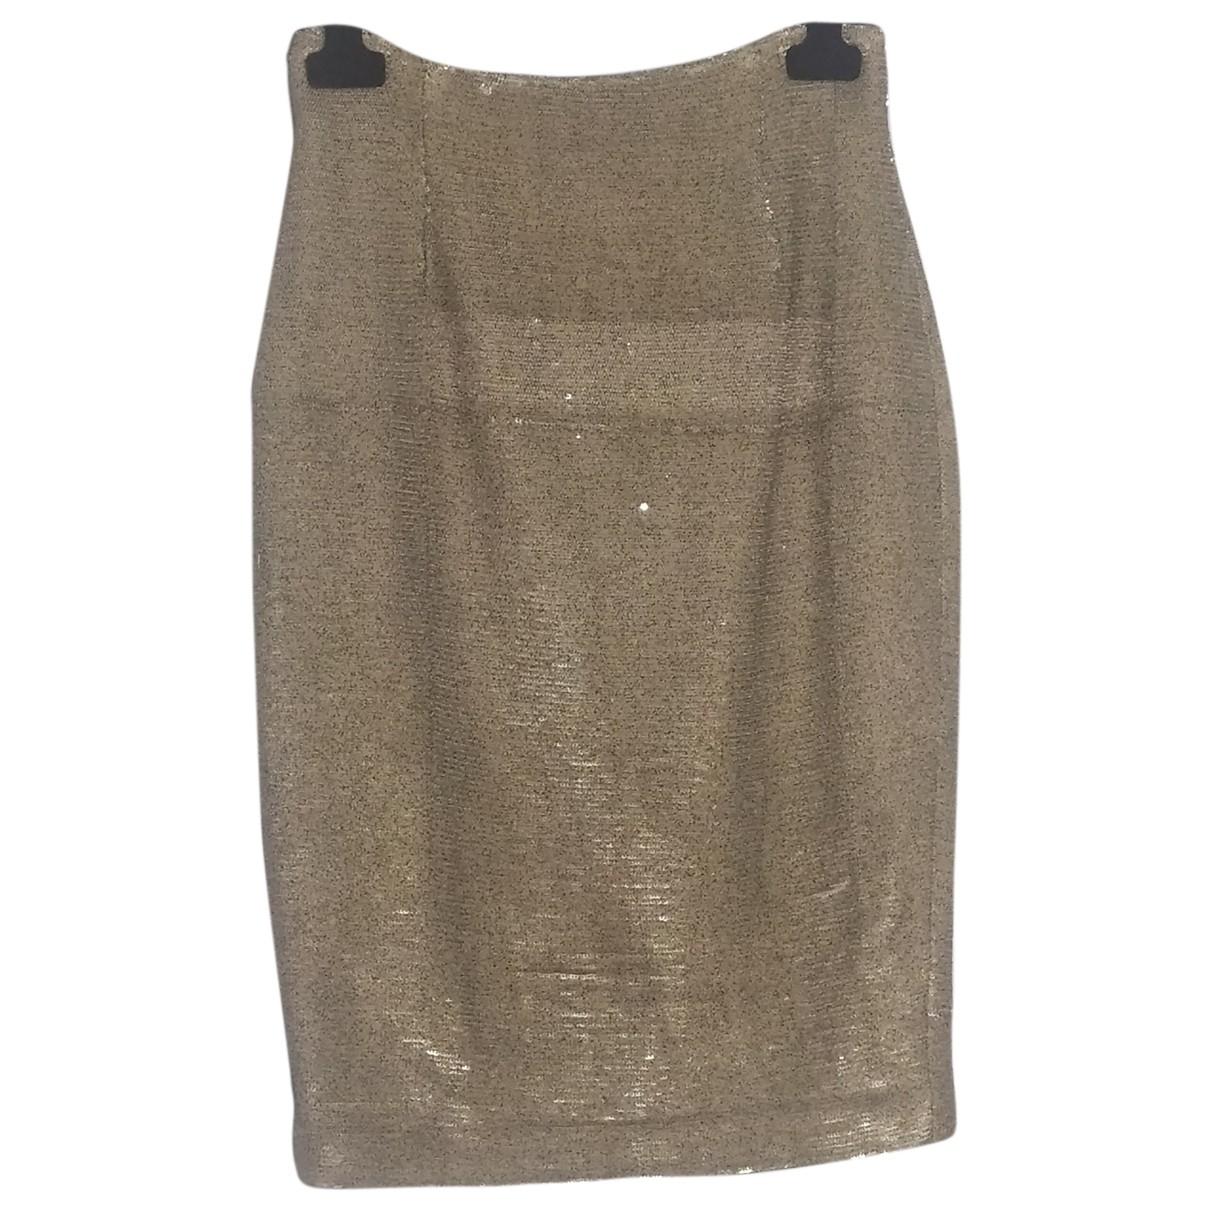 Msgm N Gold skirt for Women 42 IT